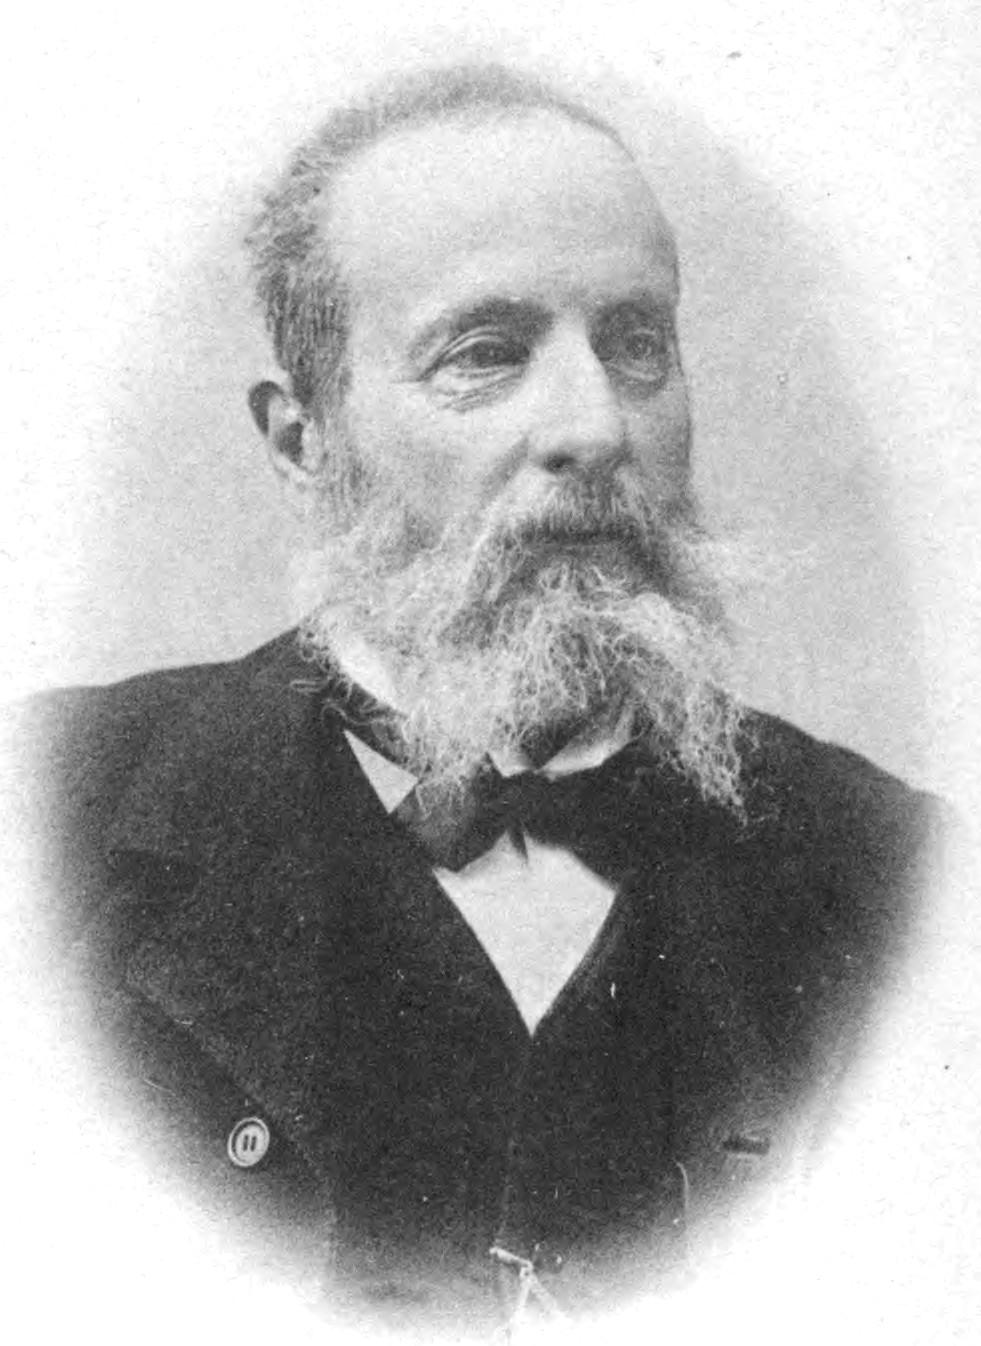 Image of Olindo Guerrini from Wikidata